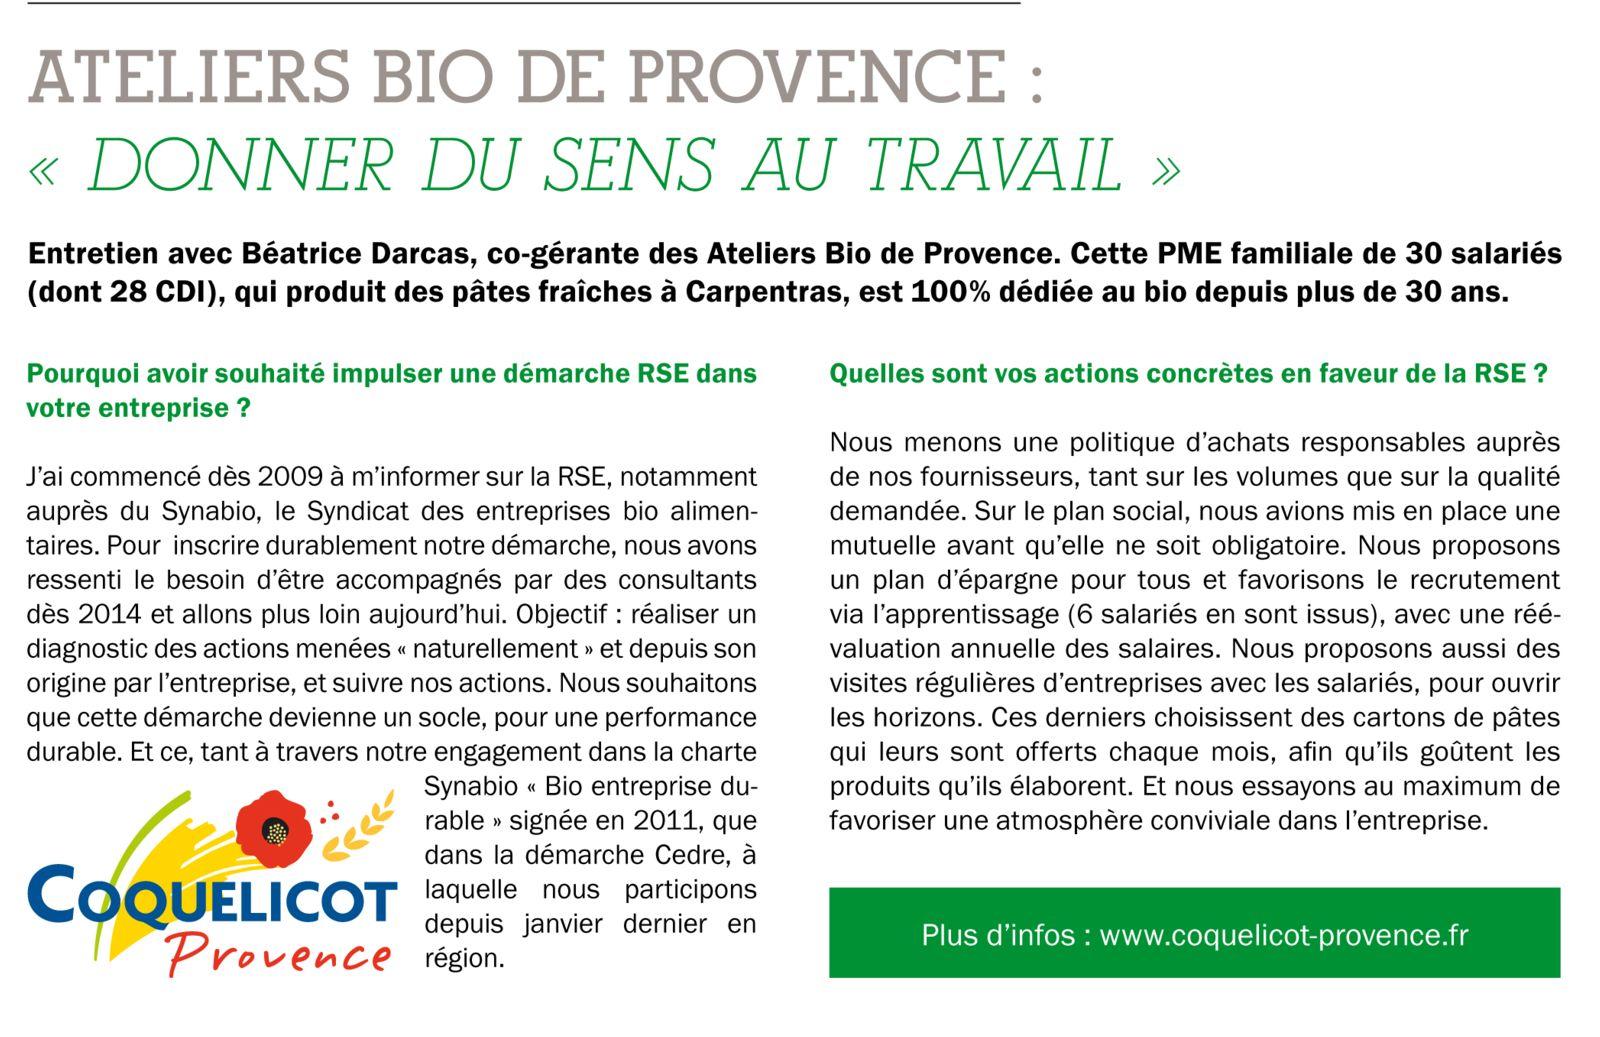 La démarche RSE d'Ateliers Bio de Provence